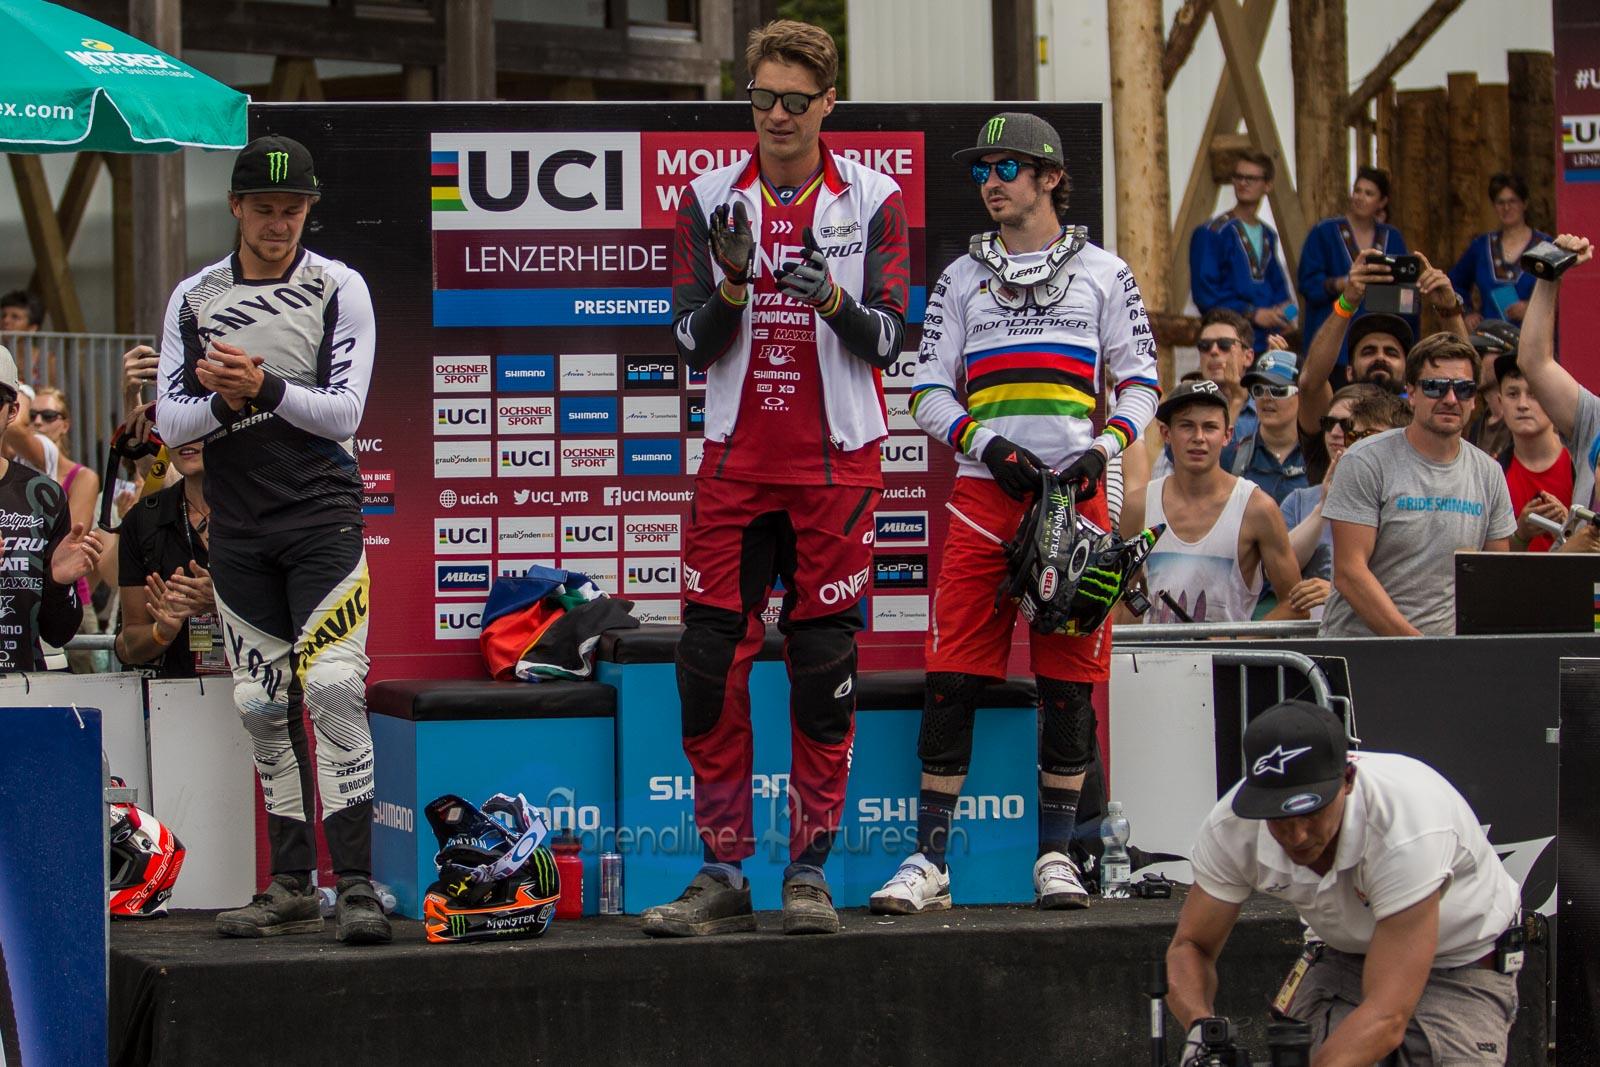 Lenzerheide_UCI_2017 (59 von 65)